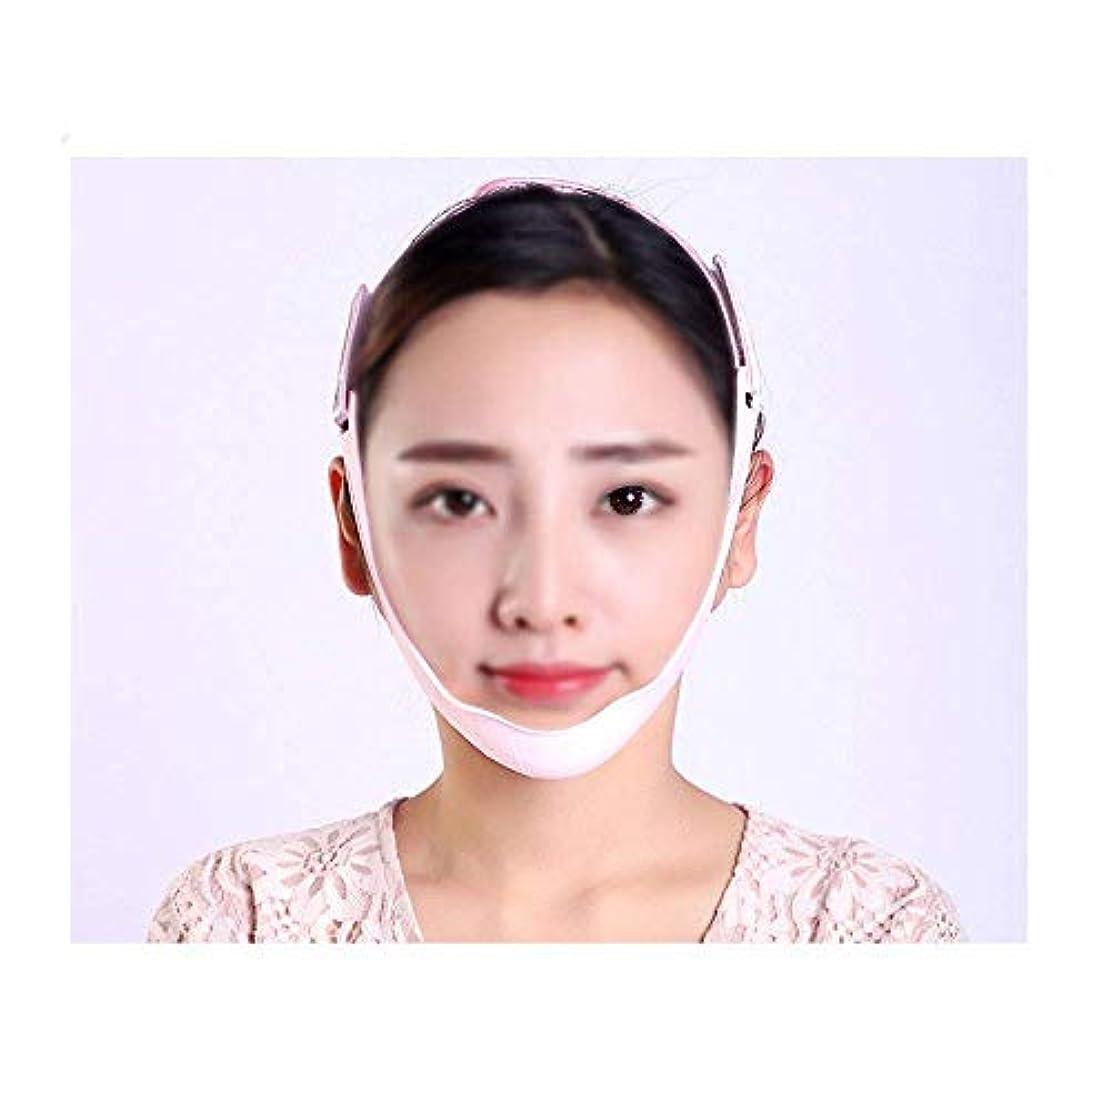 湖激しい伝導フェイシャルリフティングマスク、リフティングフェイシャルファーミングアーティファクト/マッサージ器薄い顔の包帯/通気性ダブルチンスリミングマスク